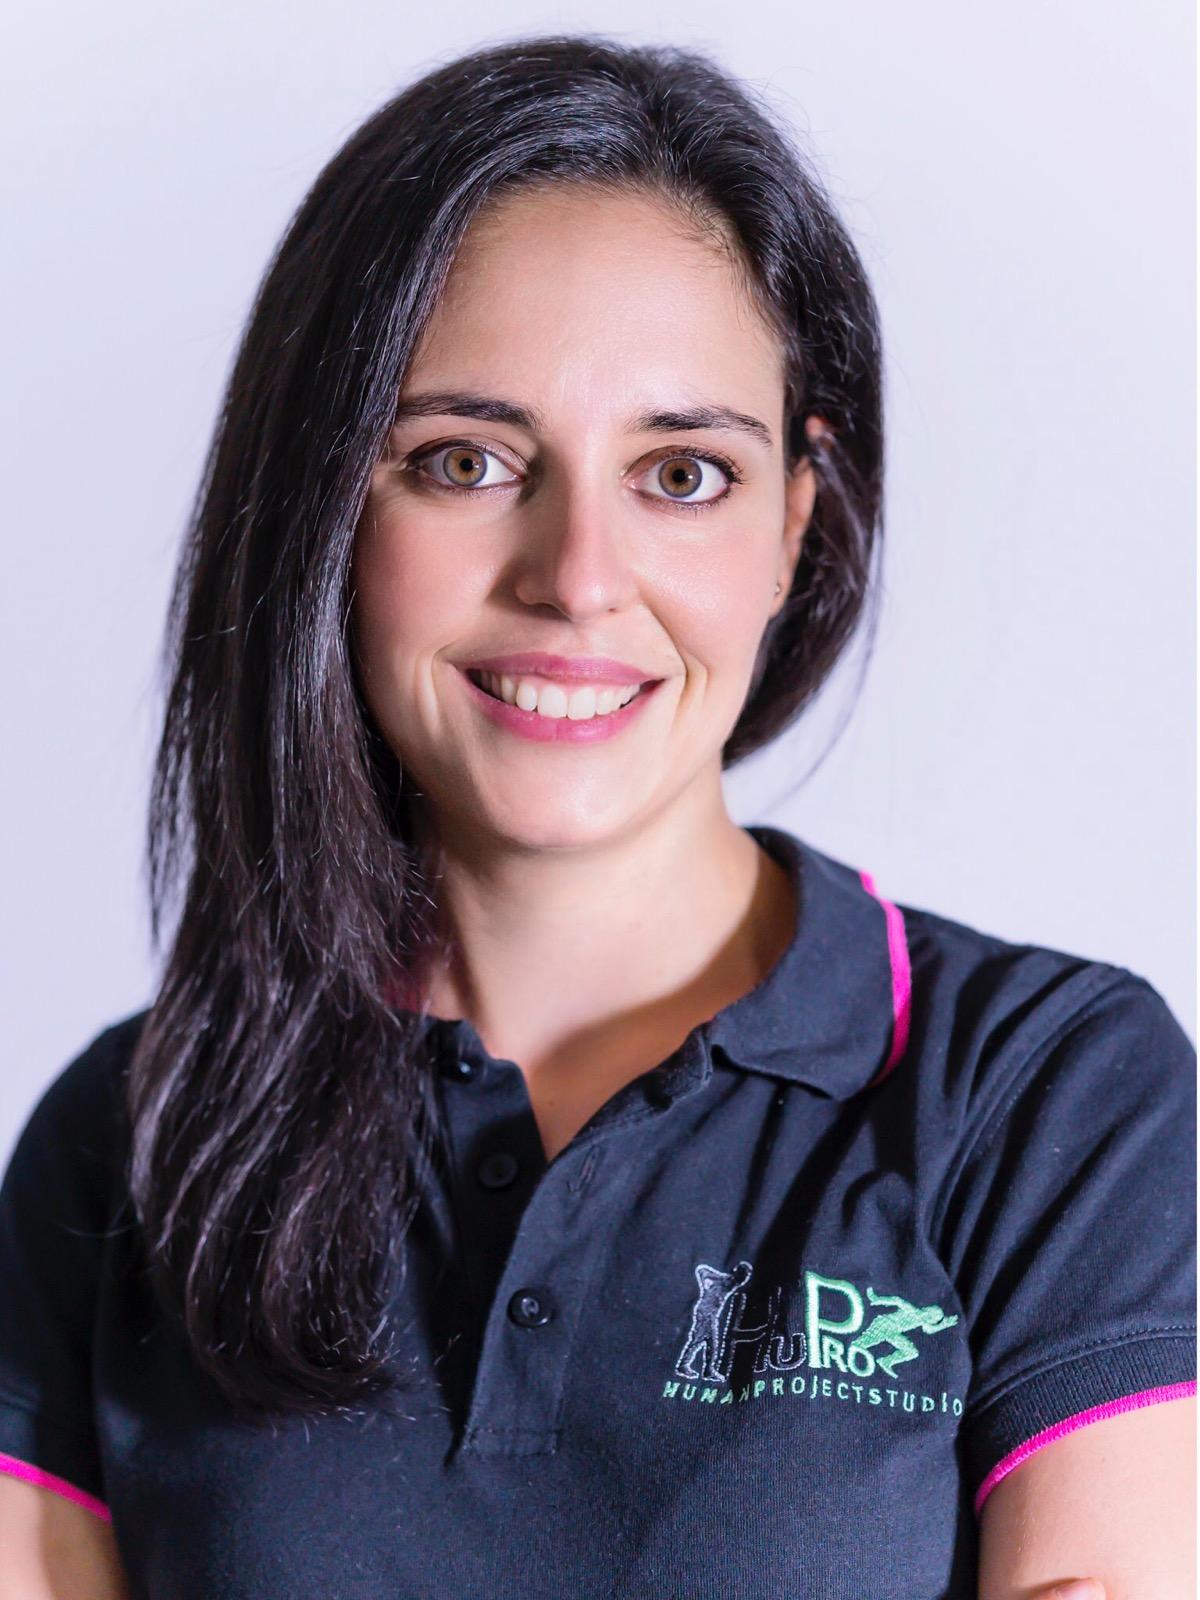 Valeria Reverdito